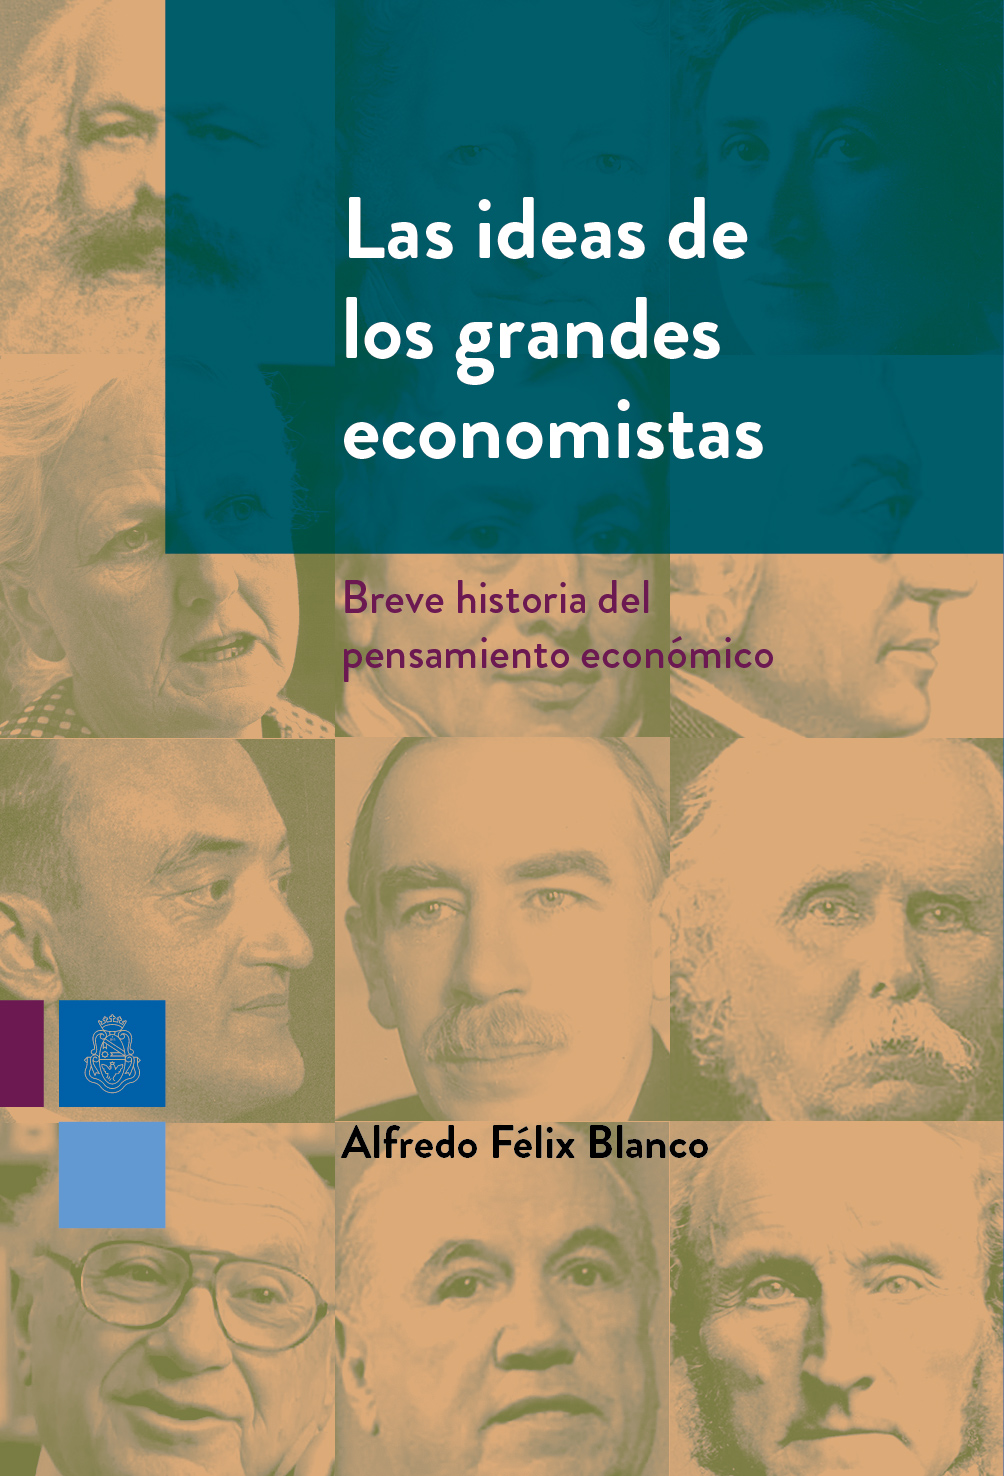 La portada del libro de Alfredo Félix Blanco